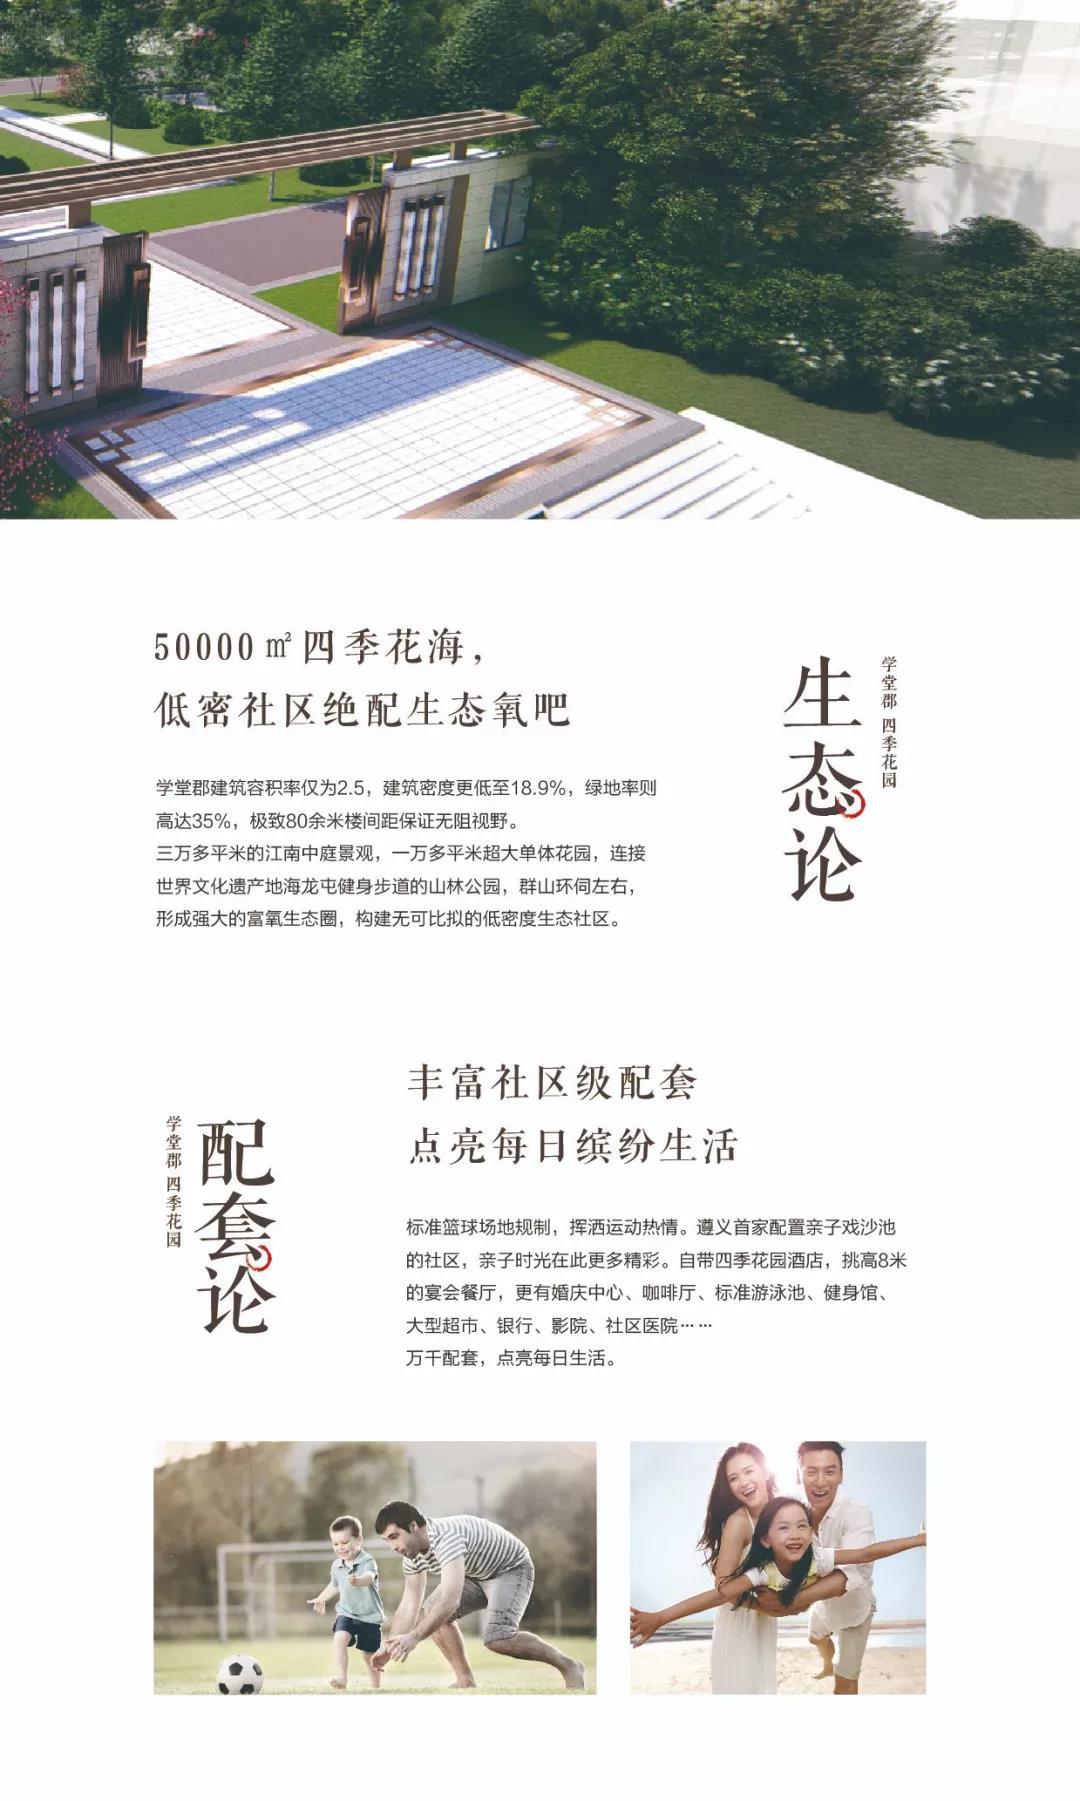 学堂郡·四季花园:选择六论-中国网地产